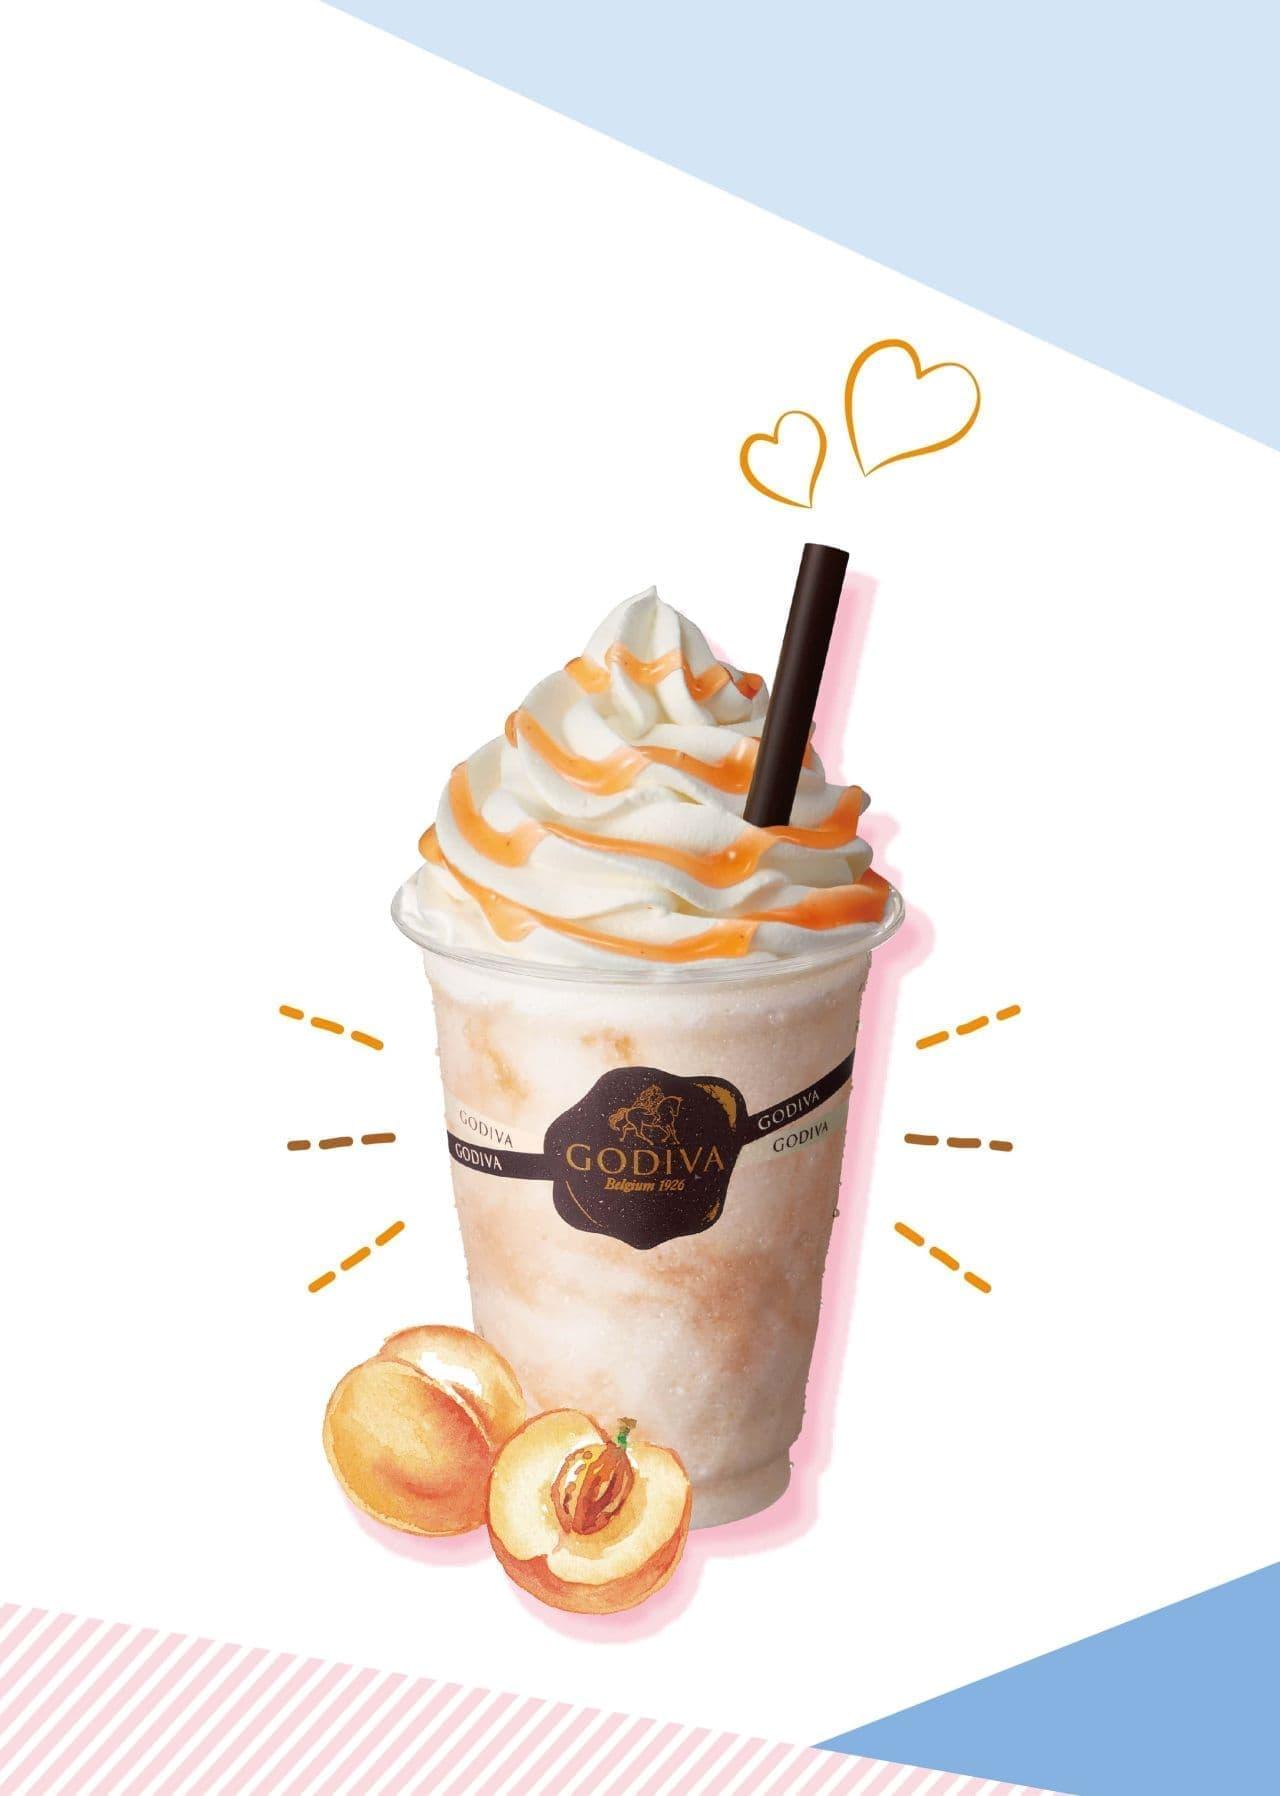 ゴディバ「ショコリキサー ホワイトチョコレート ピーチ」